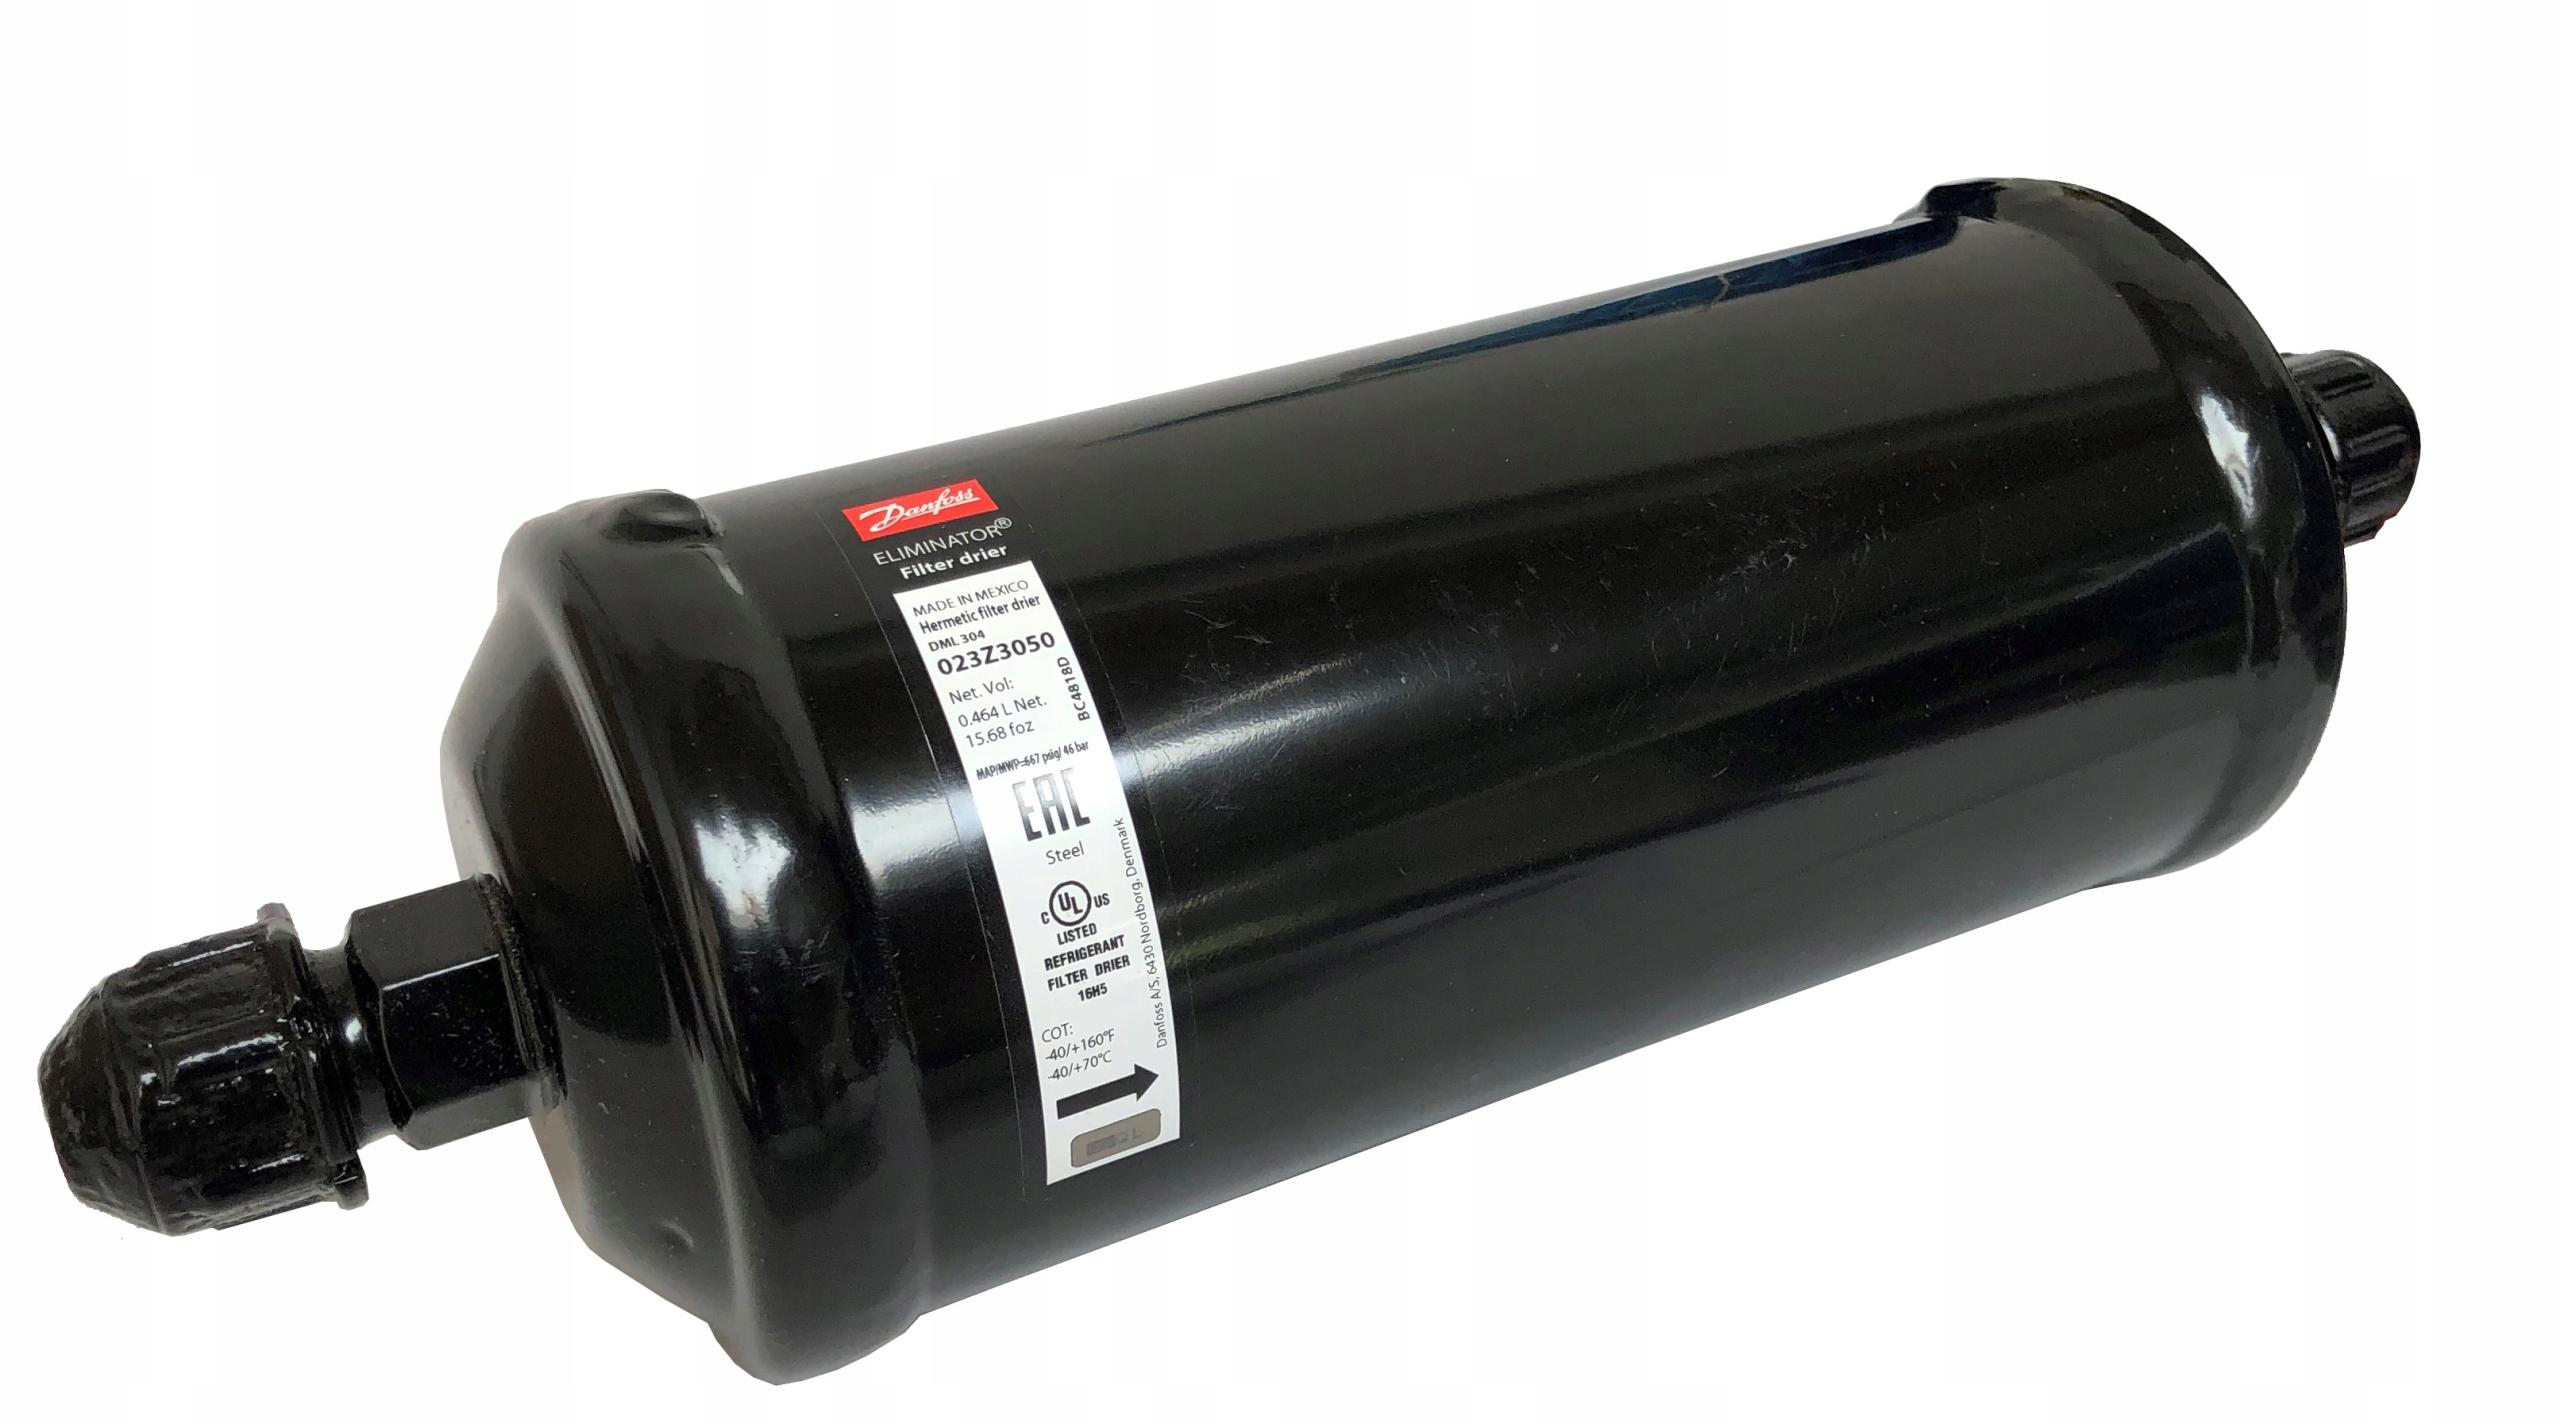 фильтр осушитель danfoss dml 304 12' 12' 023z0050